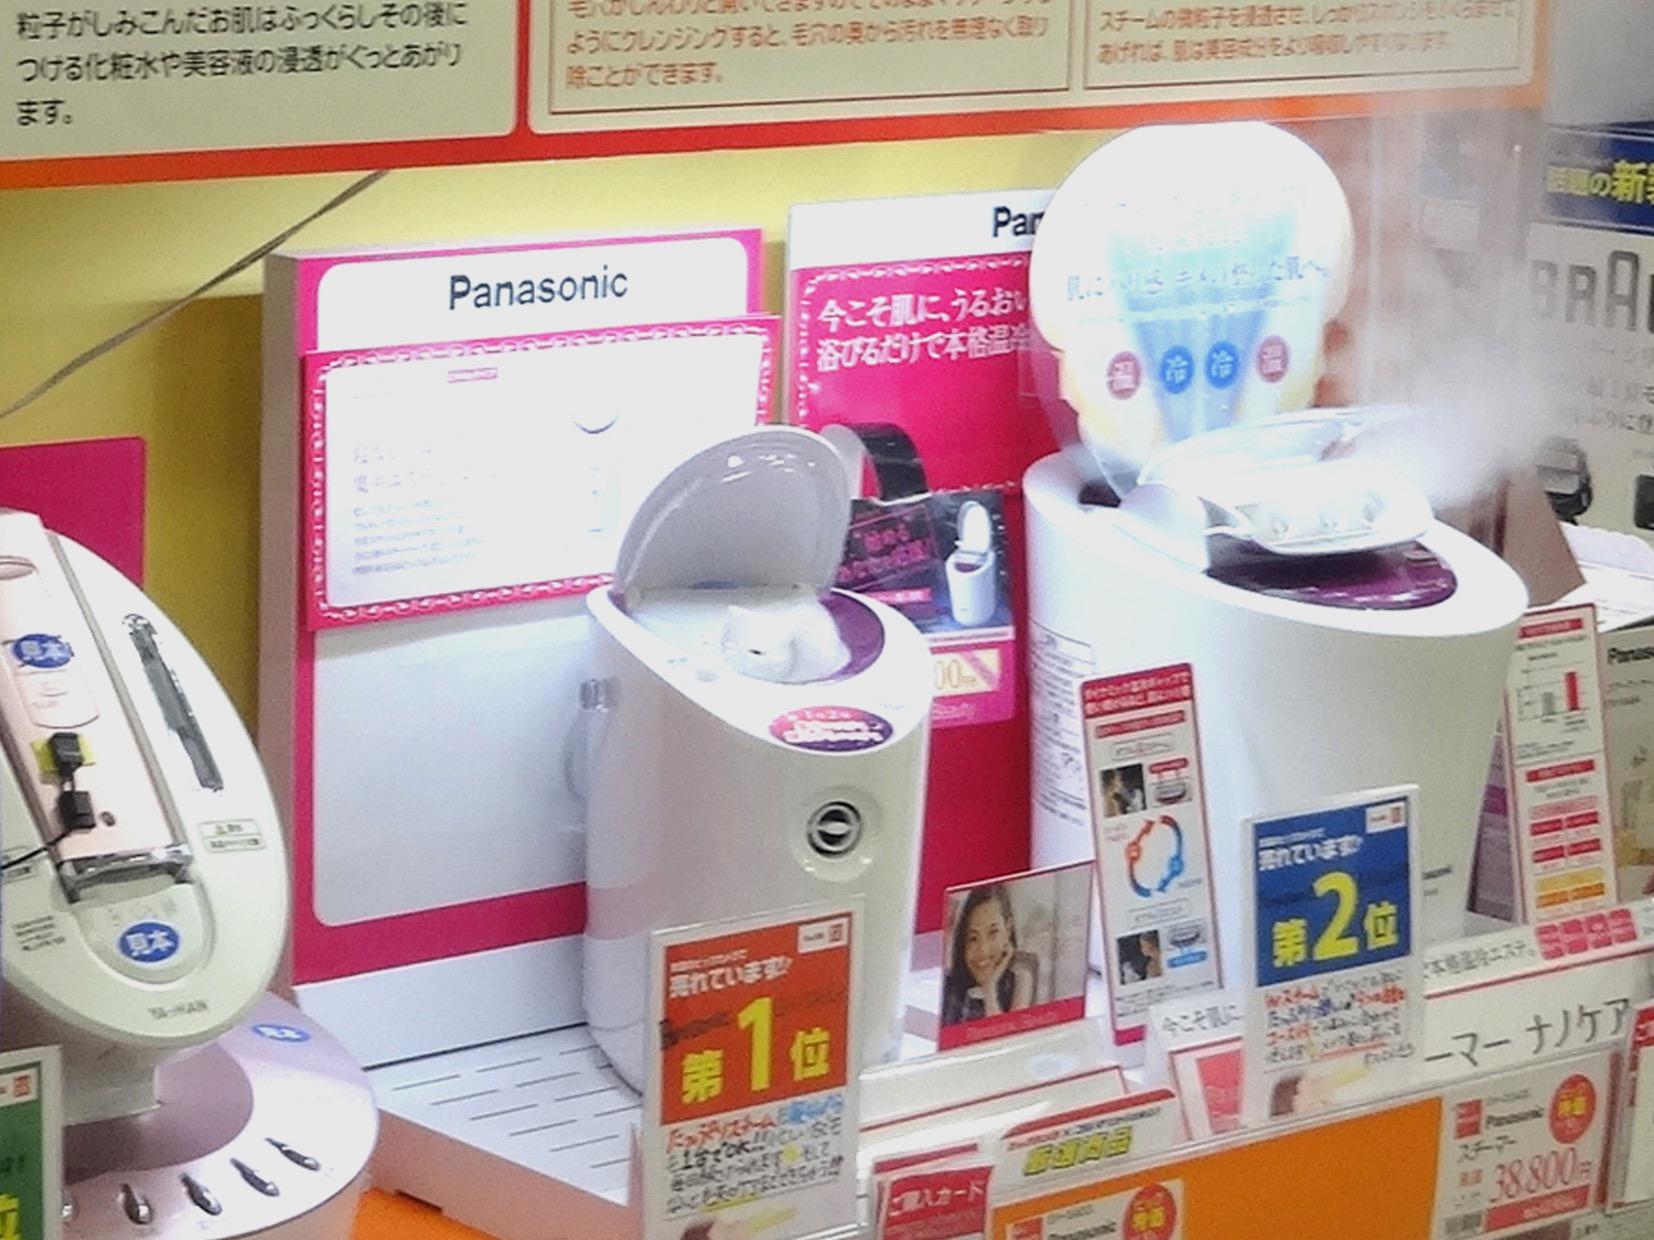 BICCAMERA Fujisawa Store